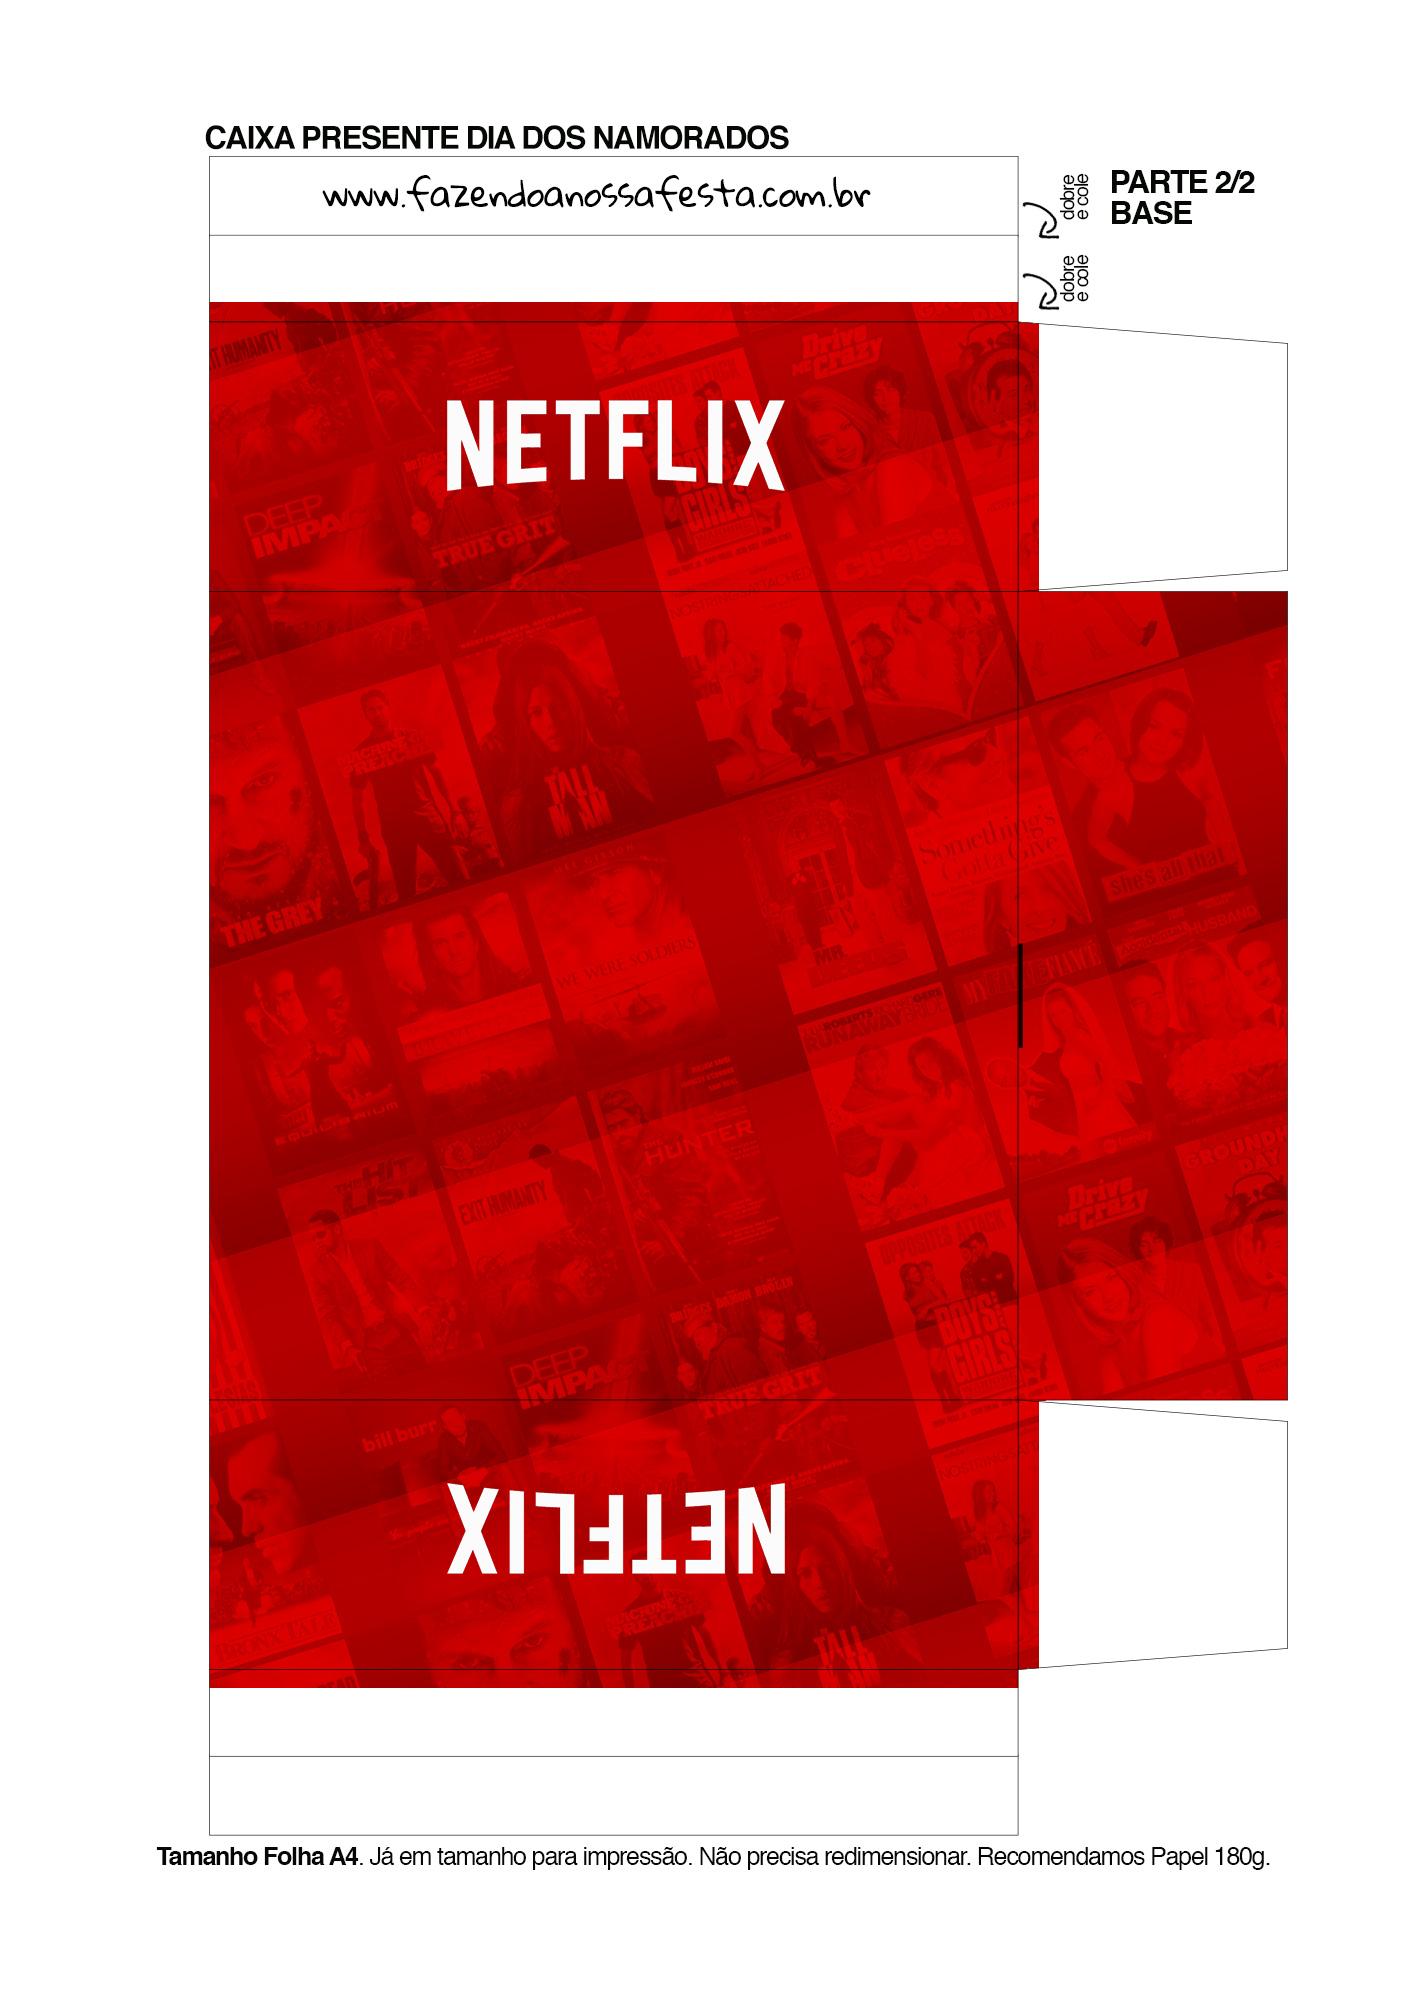 Caixa Dia dos Namorados com Letras de Musicas e Temas Netflix